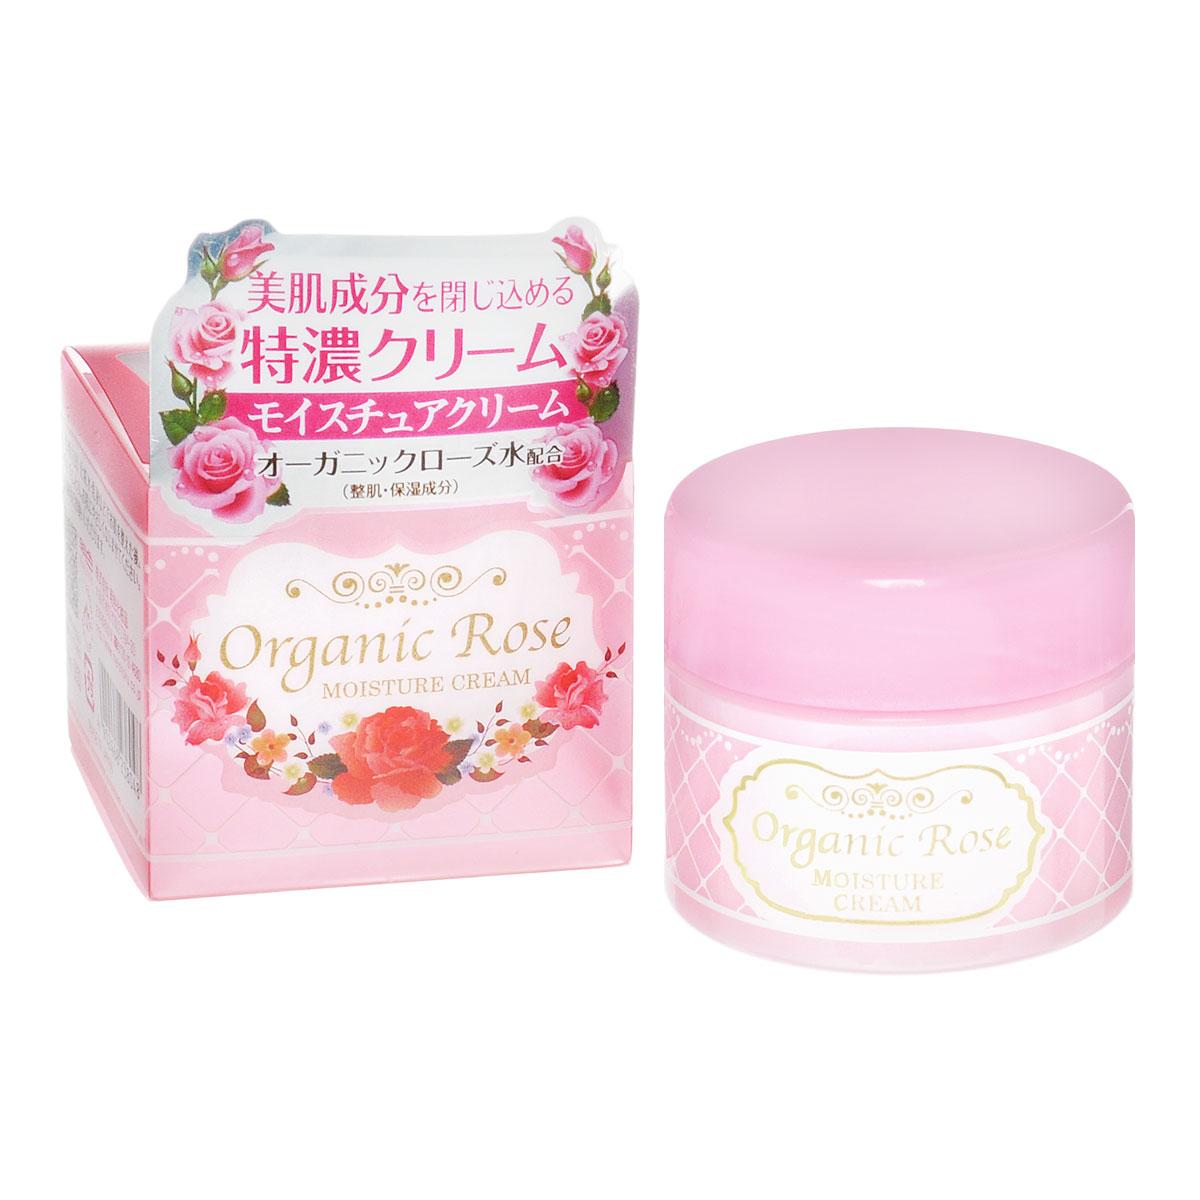 Meishoku Крем для лица Organic Rose, увлажняющий, с экстрактом дамасской розы, 50 г8862Насыщенный увлажняющий крем эффективно защищает кожу от проблем, связанных с сухостью, восстанавливая защитный барьер и создавая невидимую пленку. Делает кожу упругой и эластичной.В состав крема входит экстракт ячменя, удерживающий влагу в коже, масло Ши –защитный компонент, а также цветочную воду дамасской розы - компонент, нормализующий состояние кожи.Экстракт дамасской розы освежает и тонизирует уставшую кожу, насыщает ее витаминами. Товар сертифицирован.